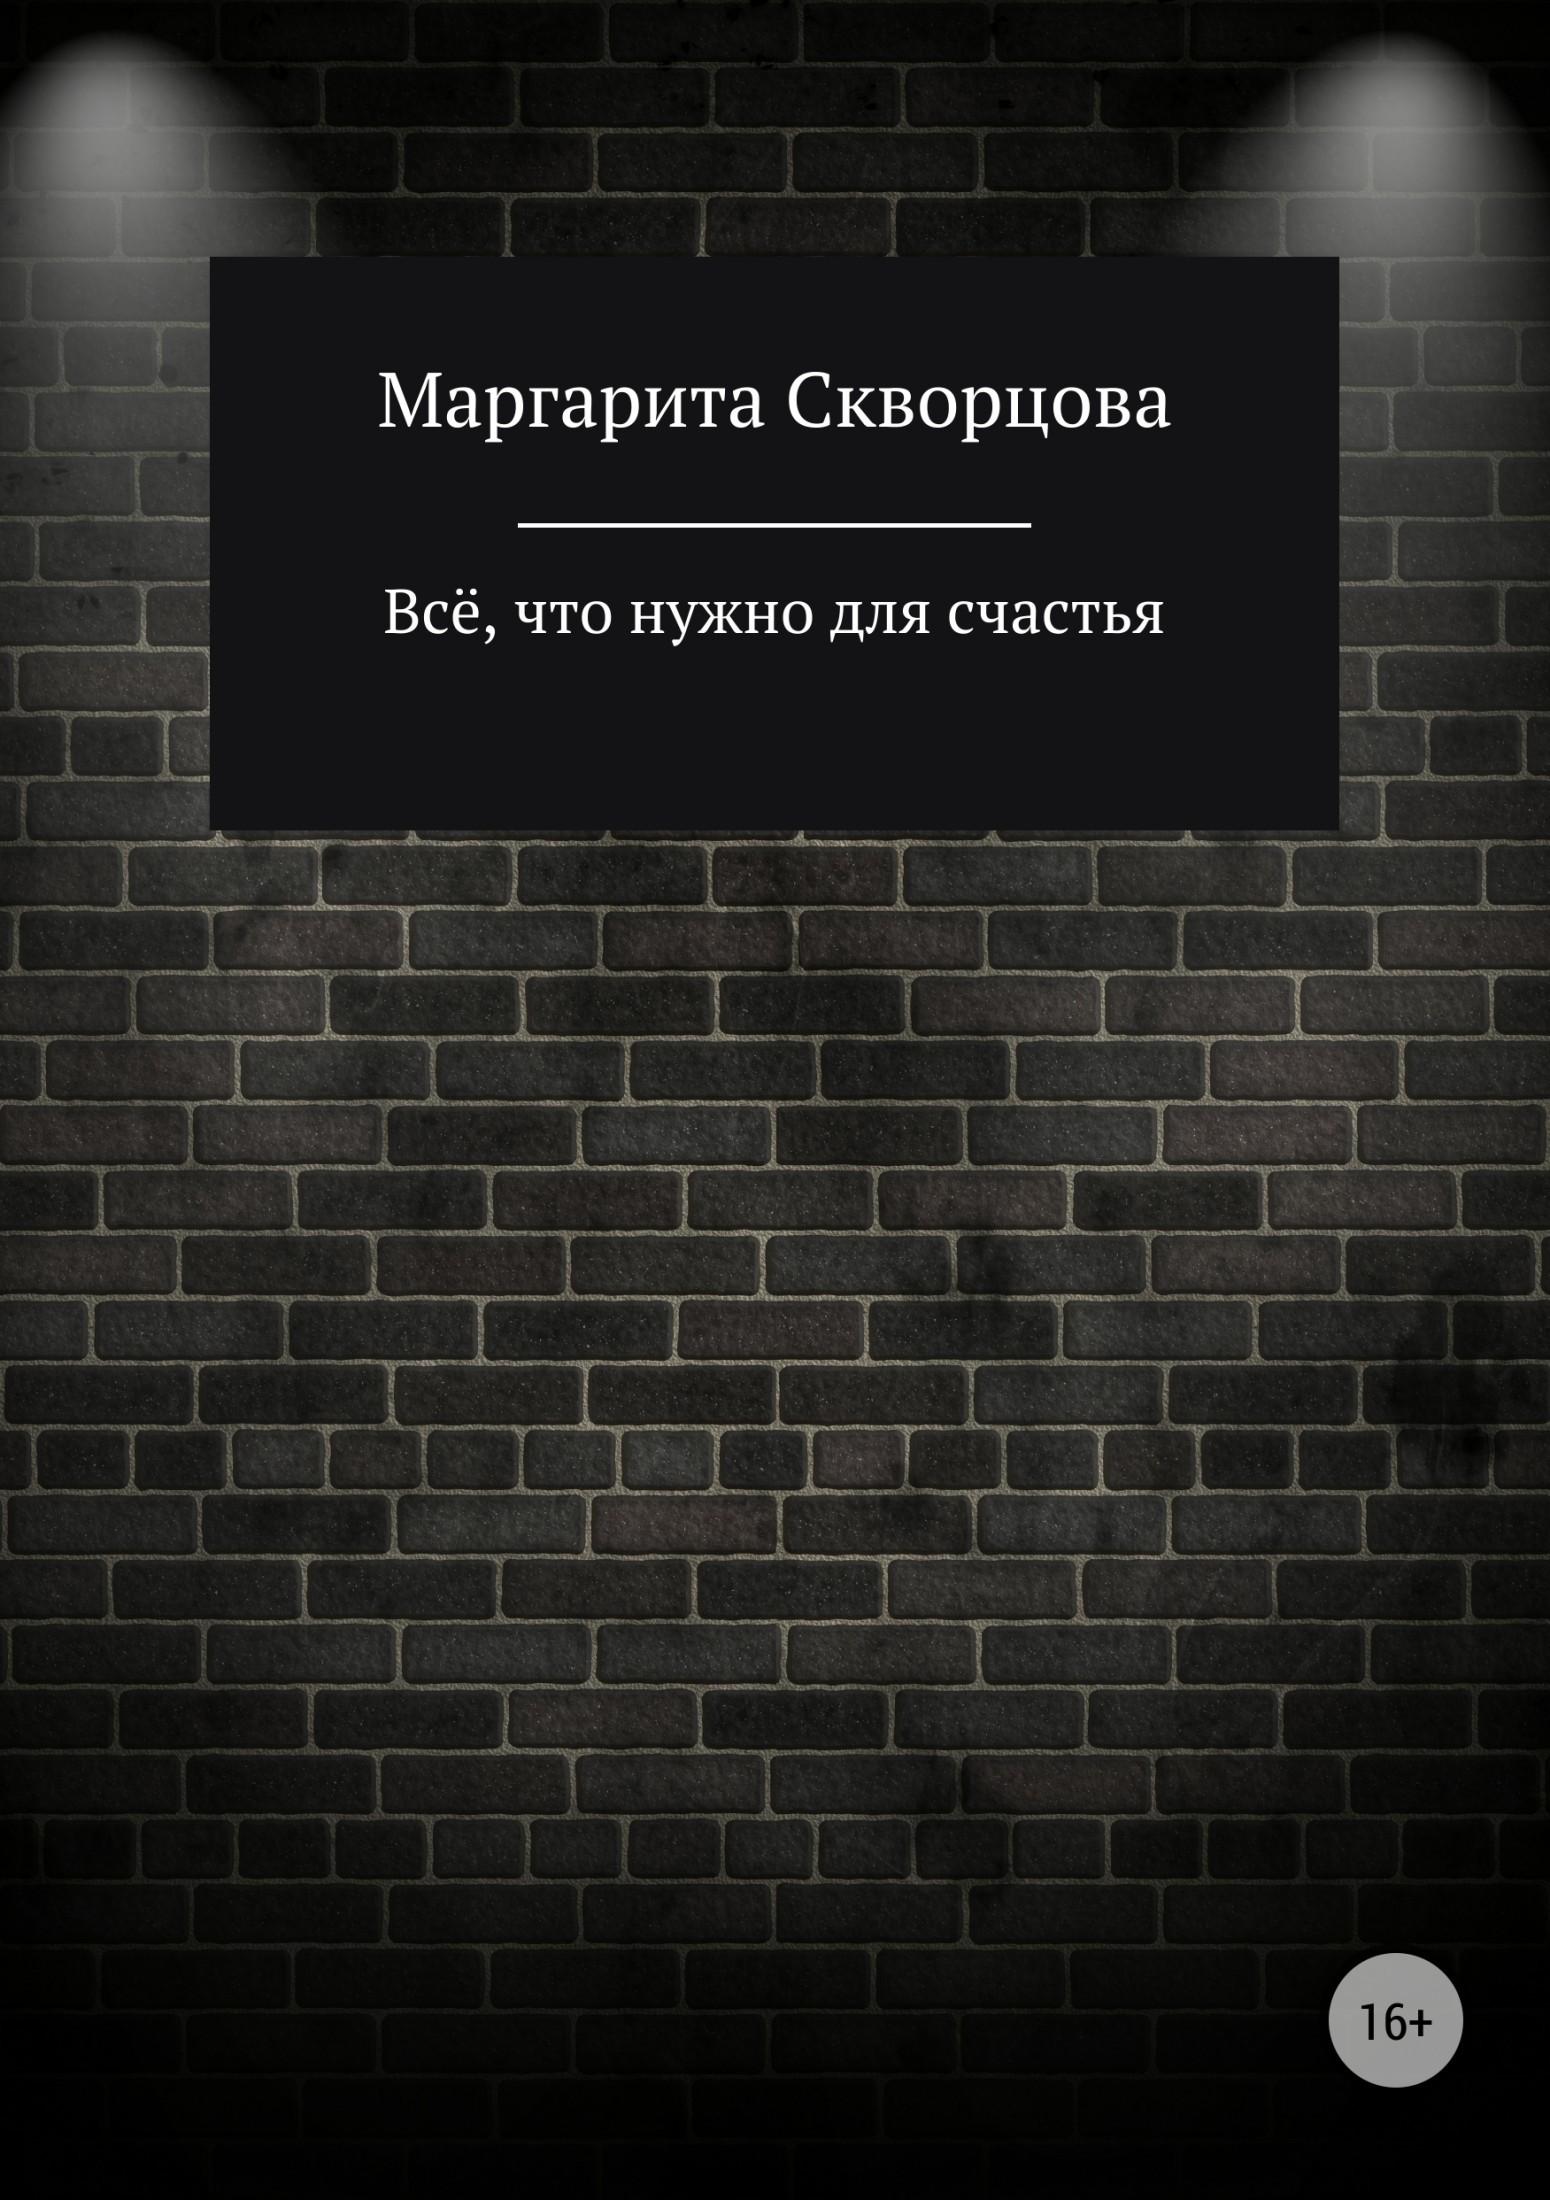 Маргарита Скворцова Всё, что нужно для счастья робин шарма великая книга успеха и счастья от монаха который продал свой феррари сборник